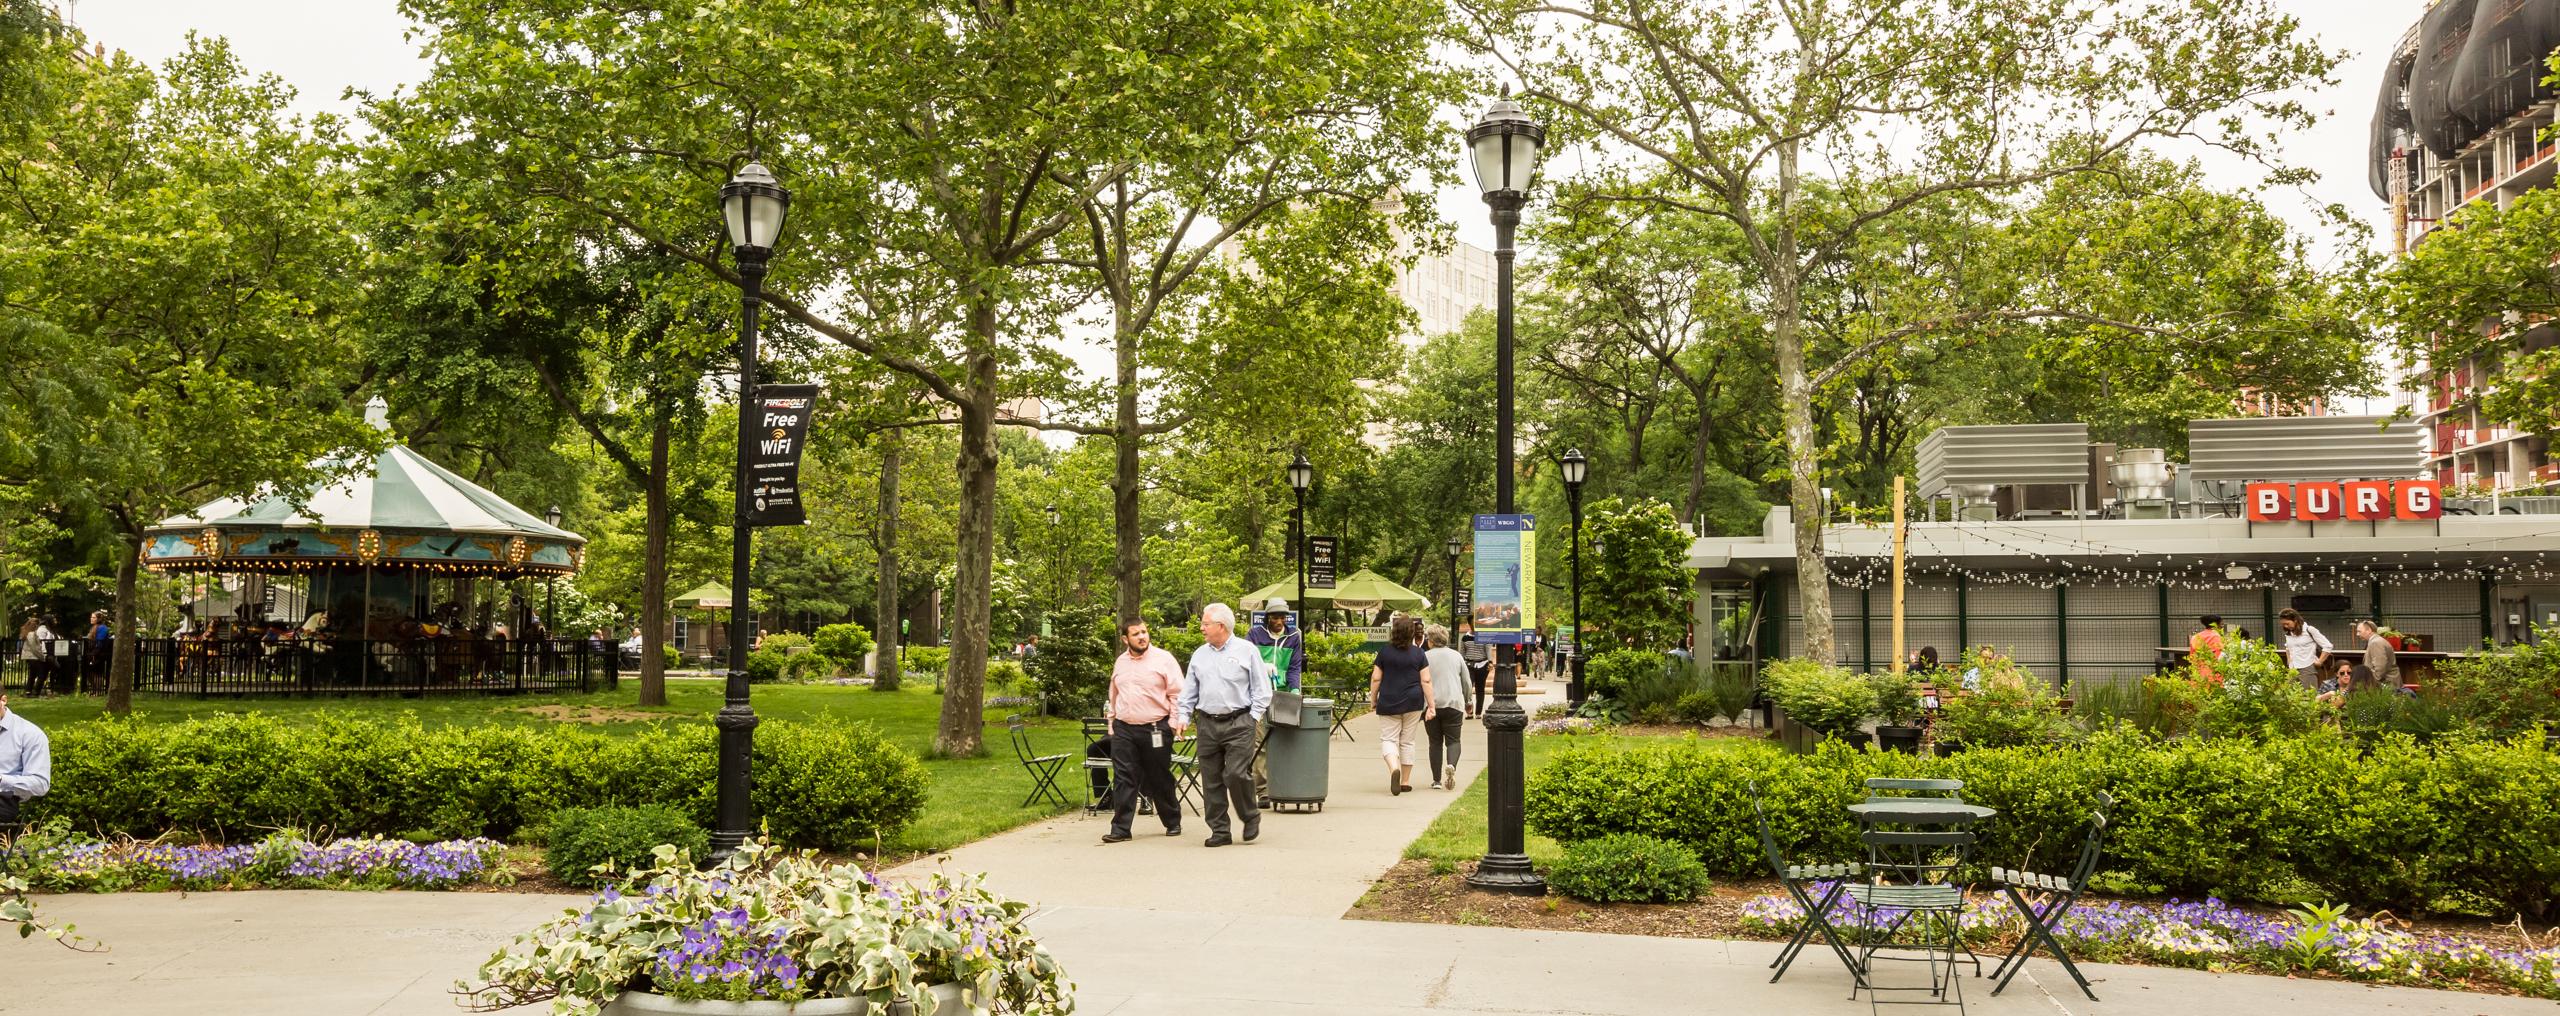 newark nj neighborhood park